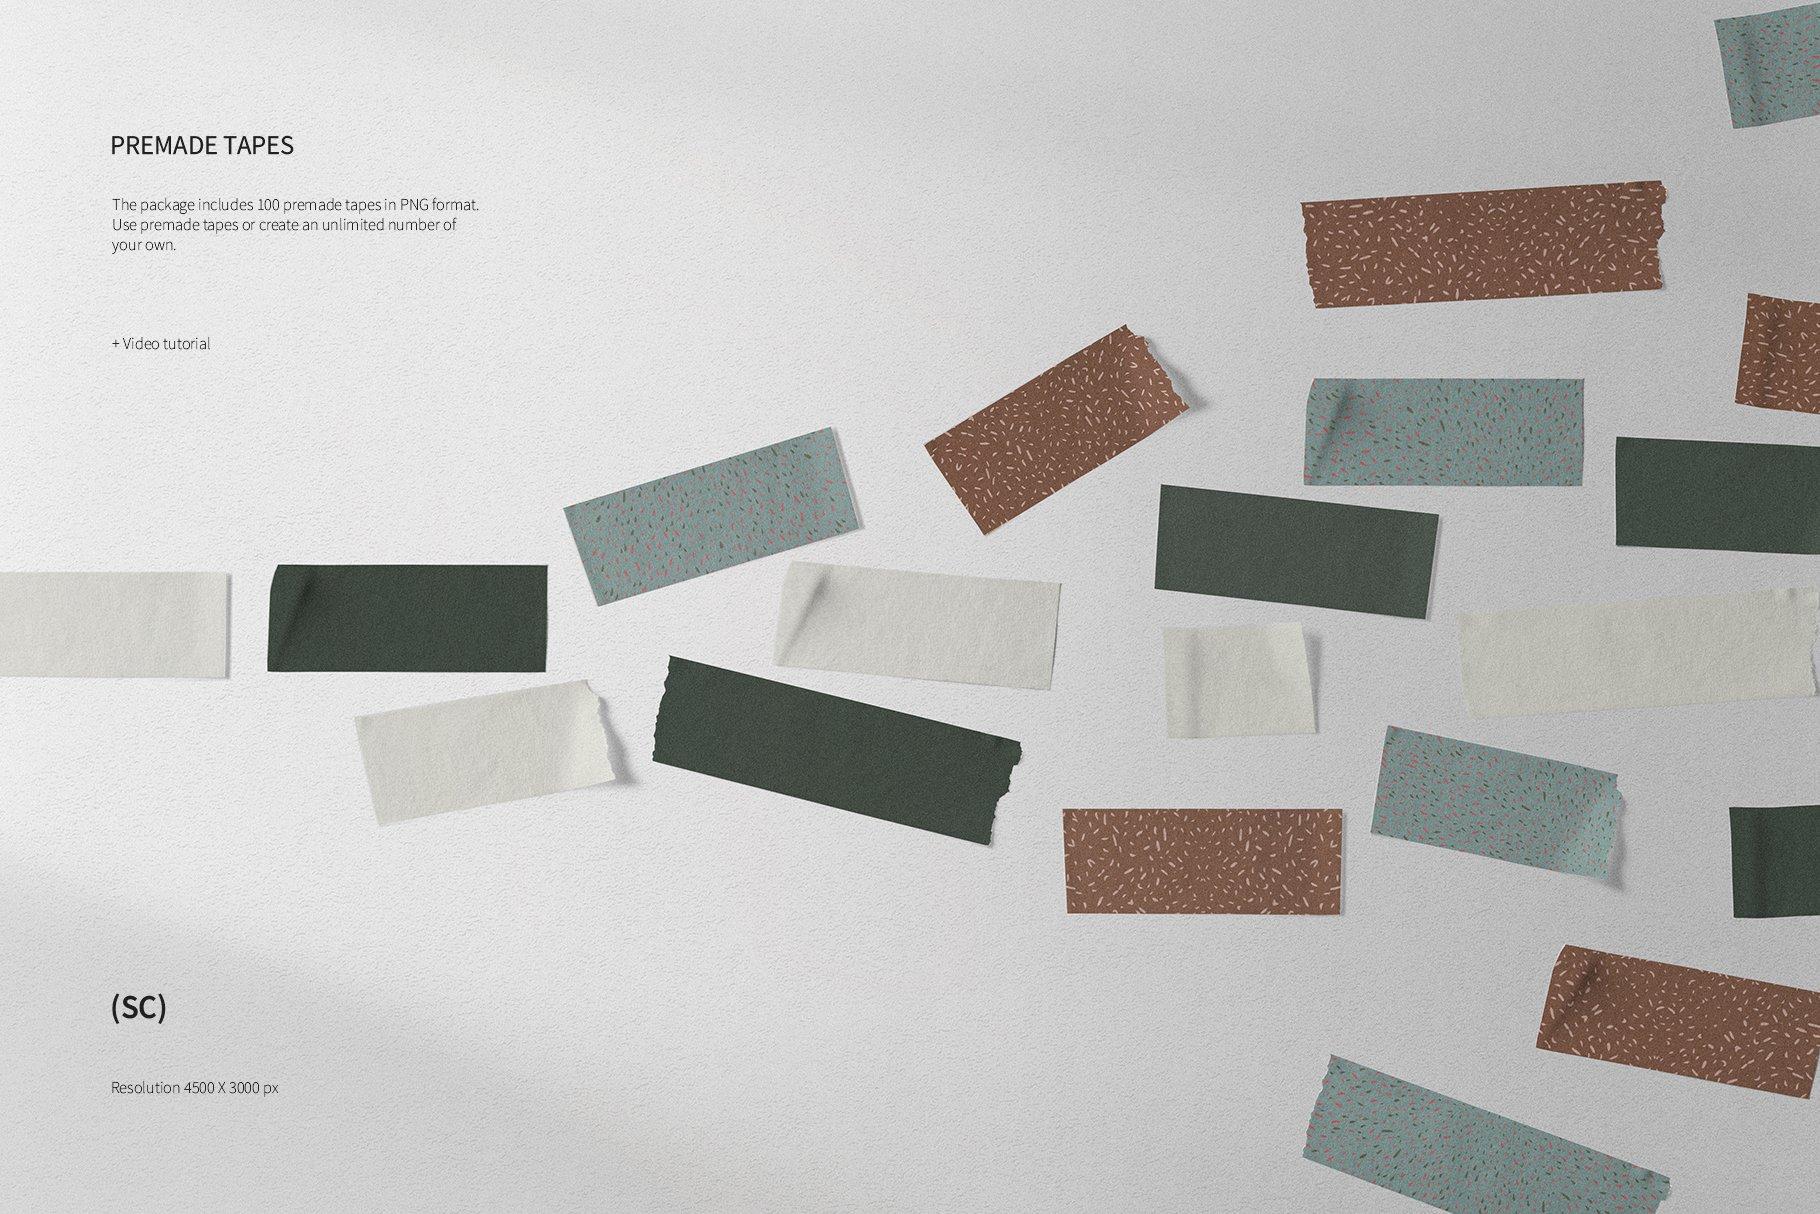 55款高清不干胶胶带贴纸PNG透明免抠图片素材 Tape Creator插图(6)